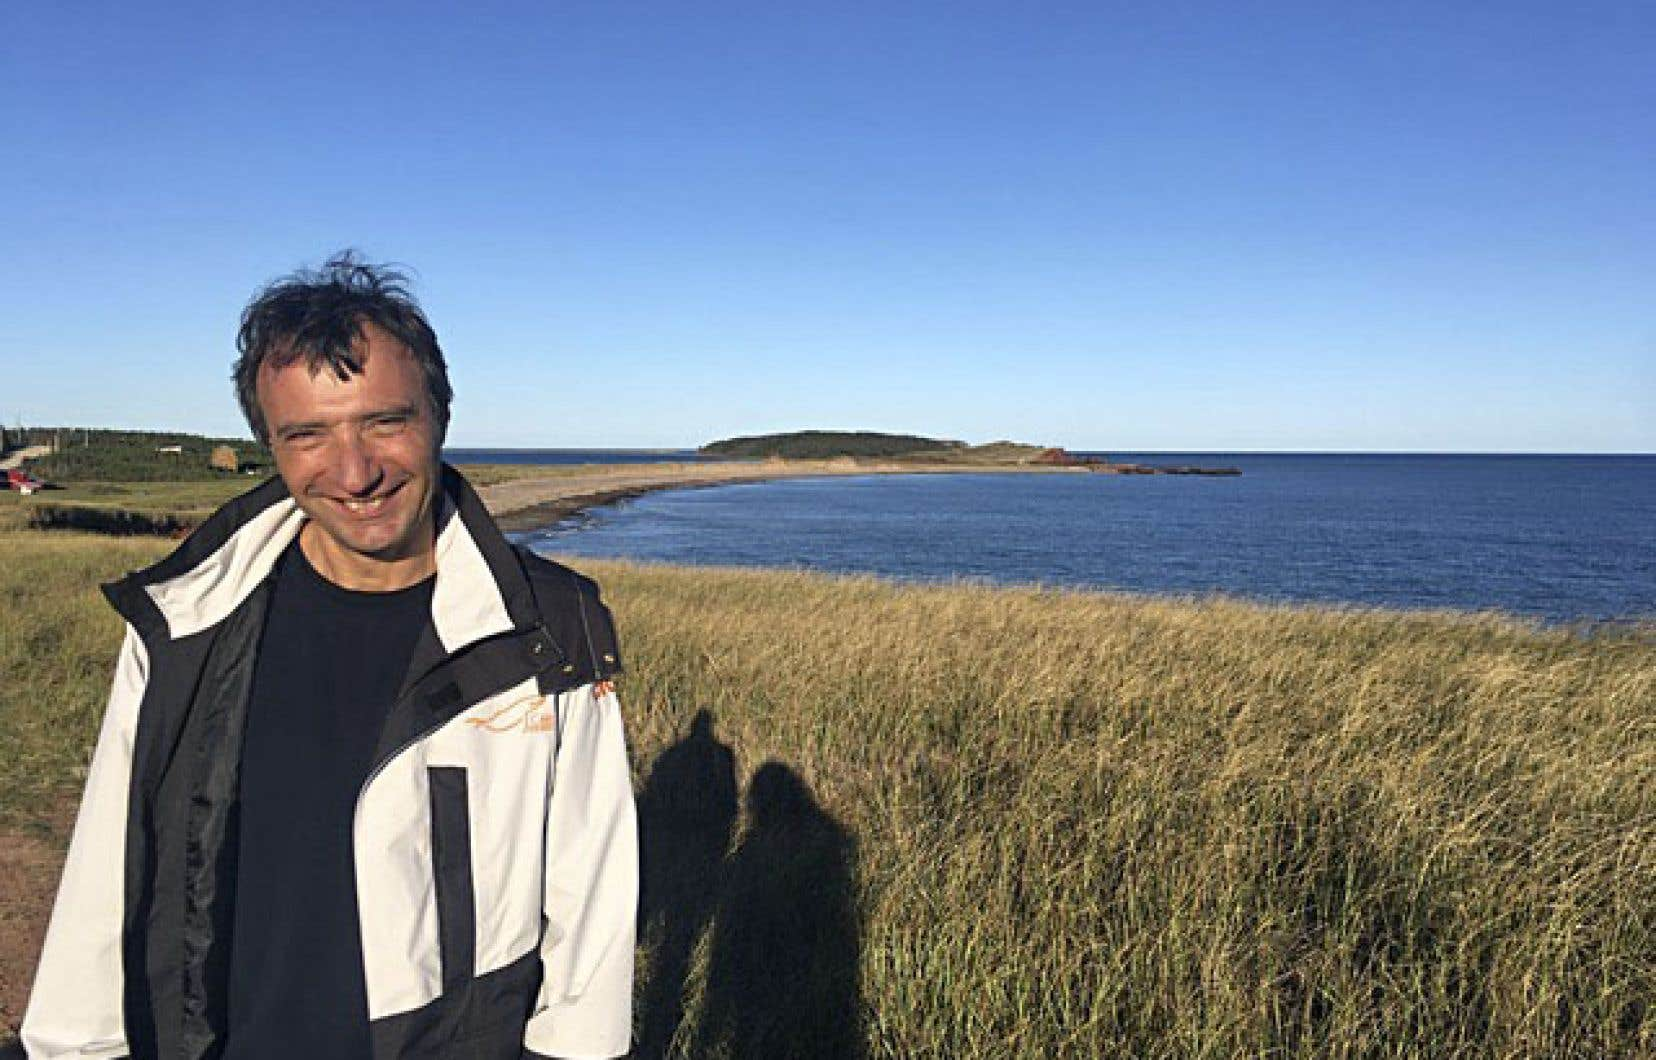 Mario Cyr convie les spectateurs à découvrir les fonds marins des îles de la Madeleine.